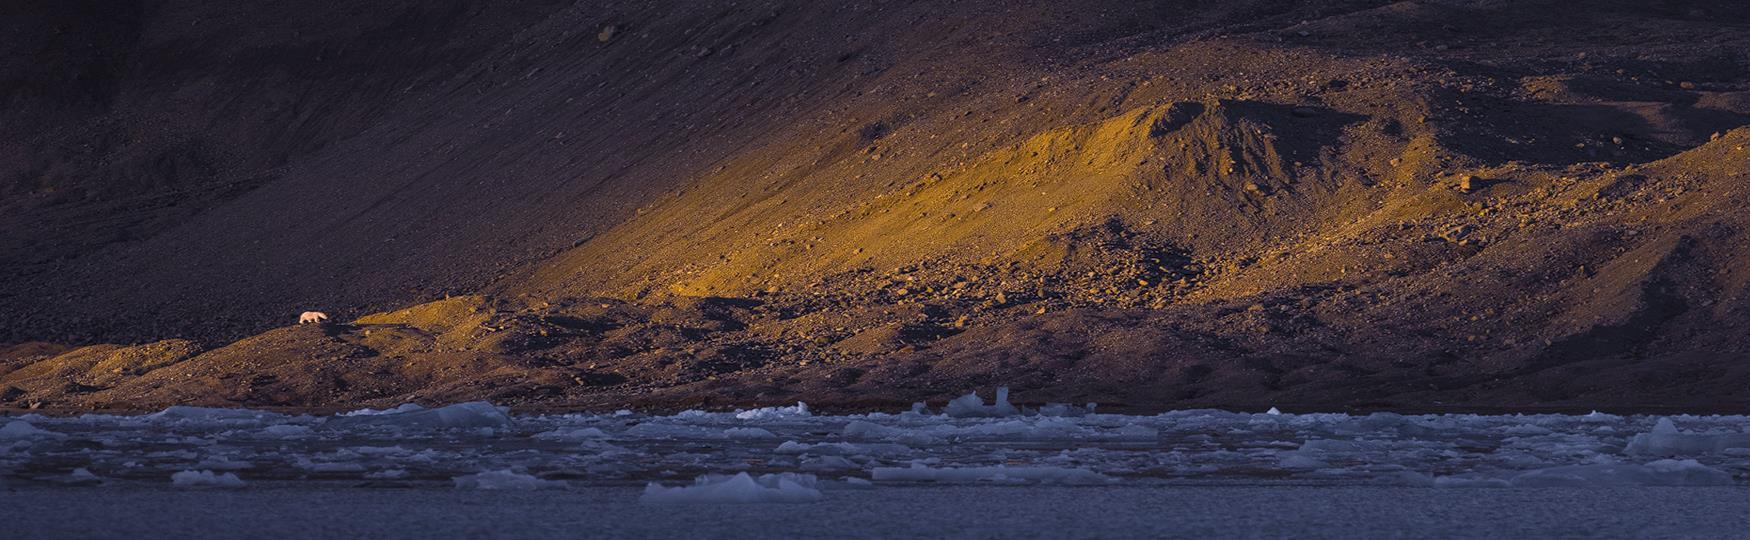 Polar bear - The King of the Arctic